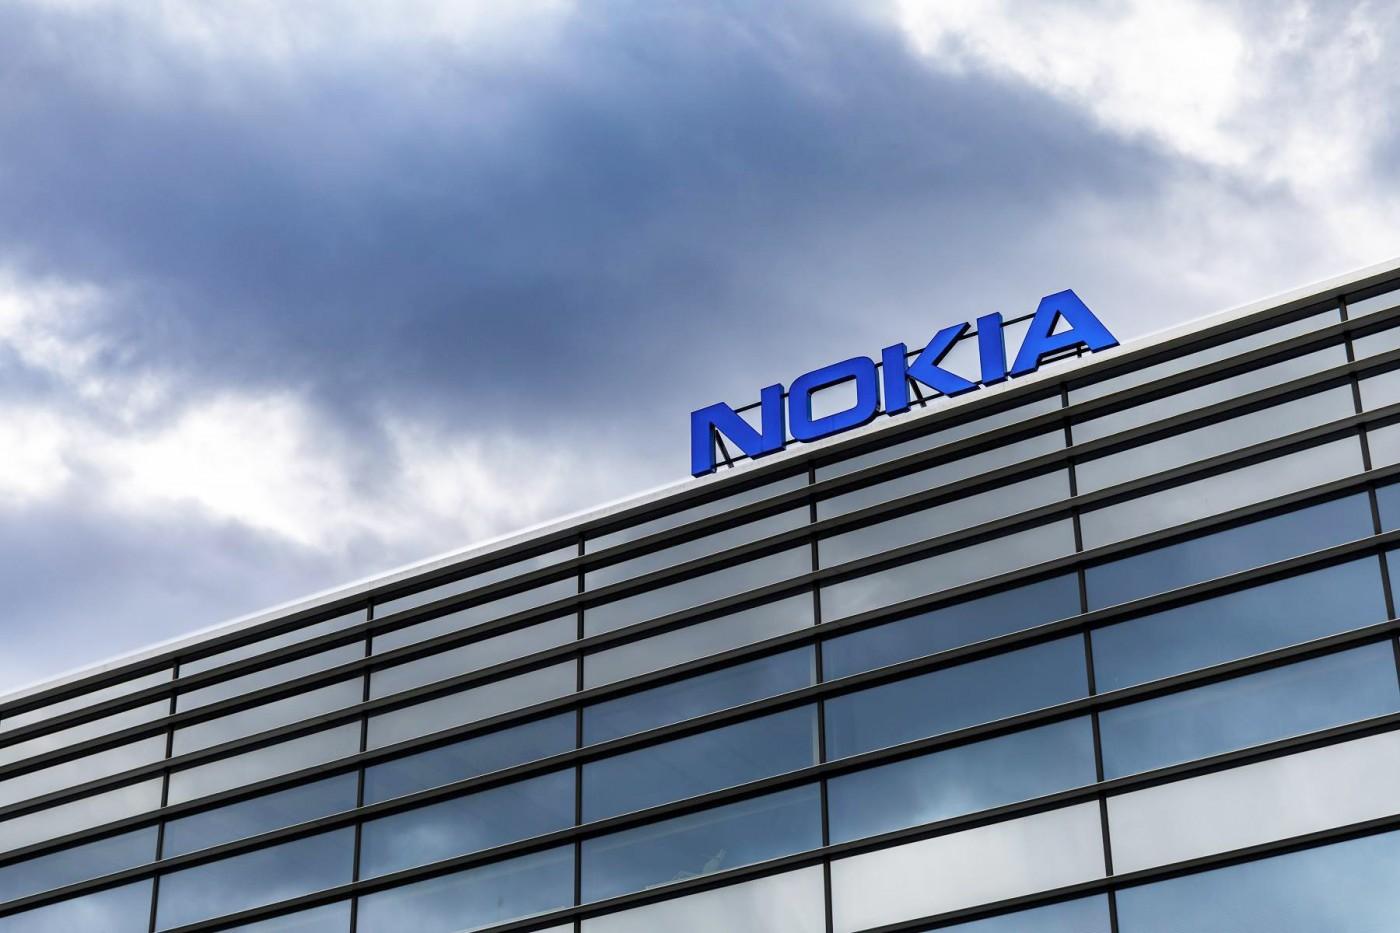 Nokia出售數位健康部門,智慧穿戴品牌將走向集中化